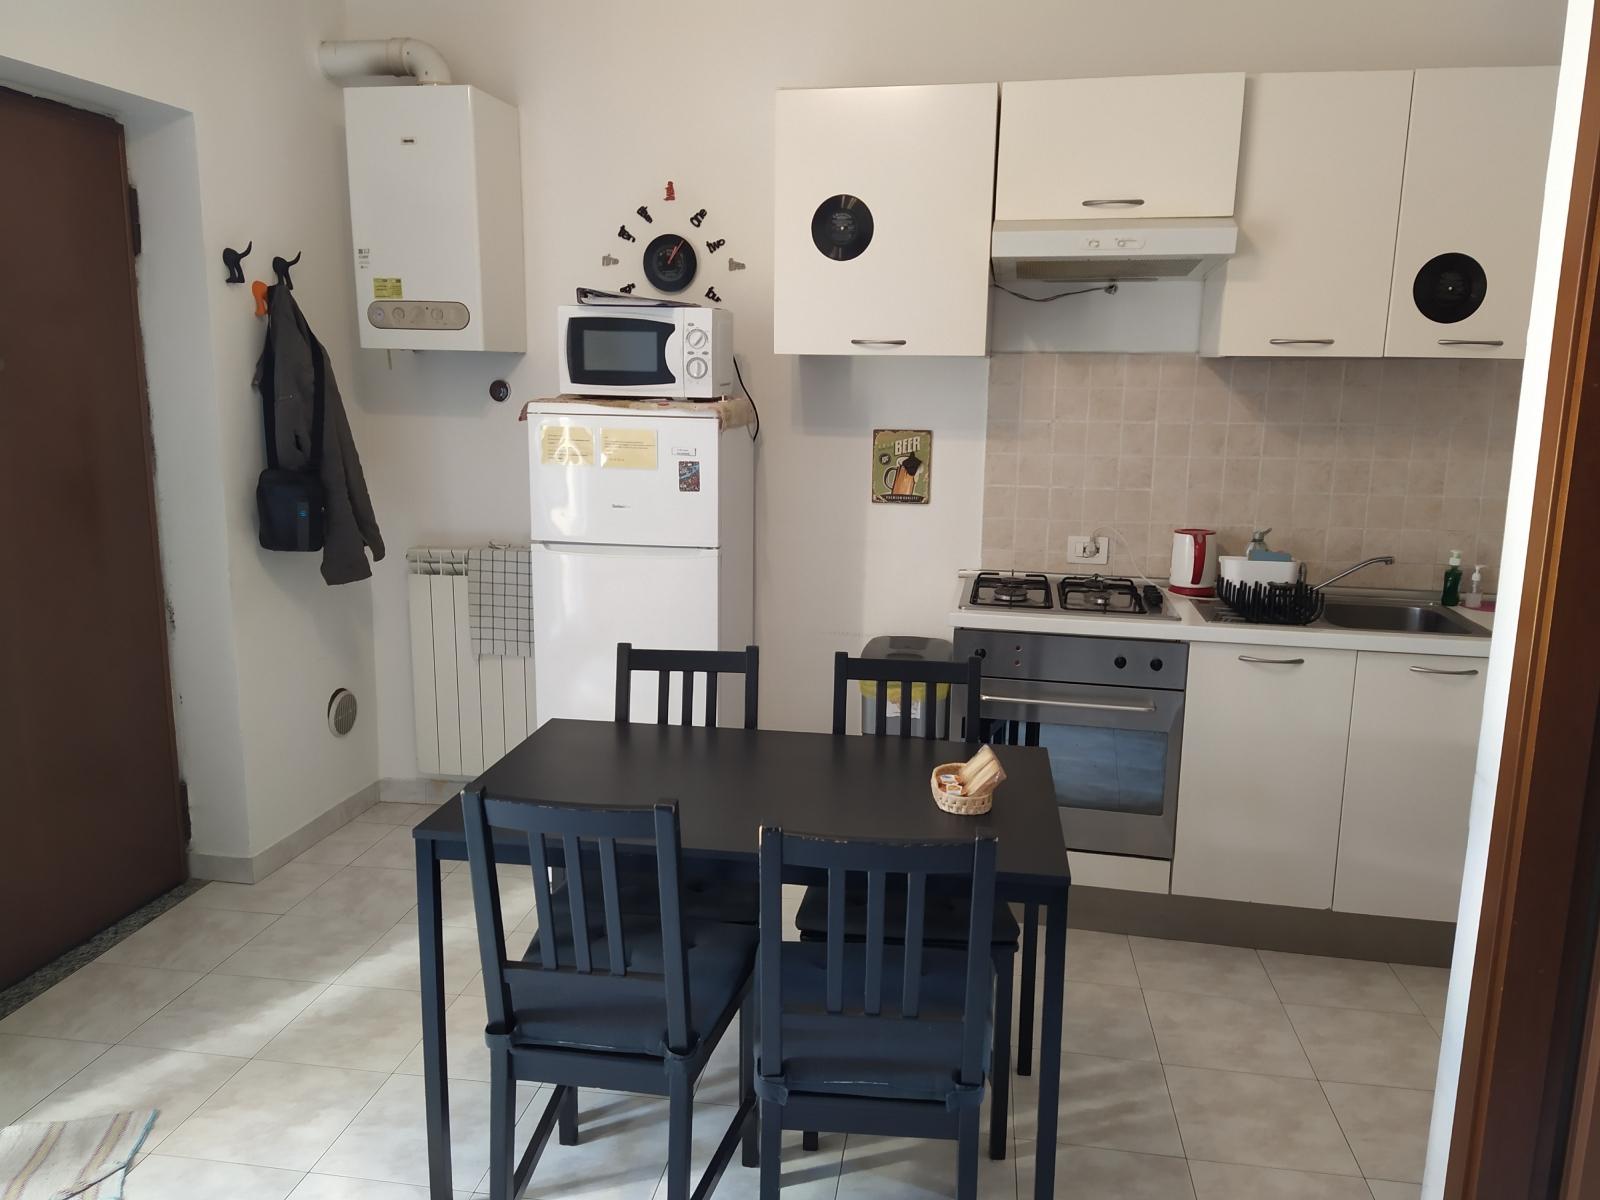 borgo-di-baggio-centro-storico-bilocale-in-vendita-milano-spaziourbano-immobiliare-dove-trovi-casa-real-estate-2